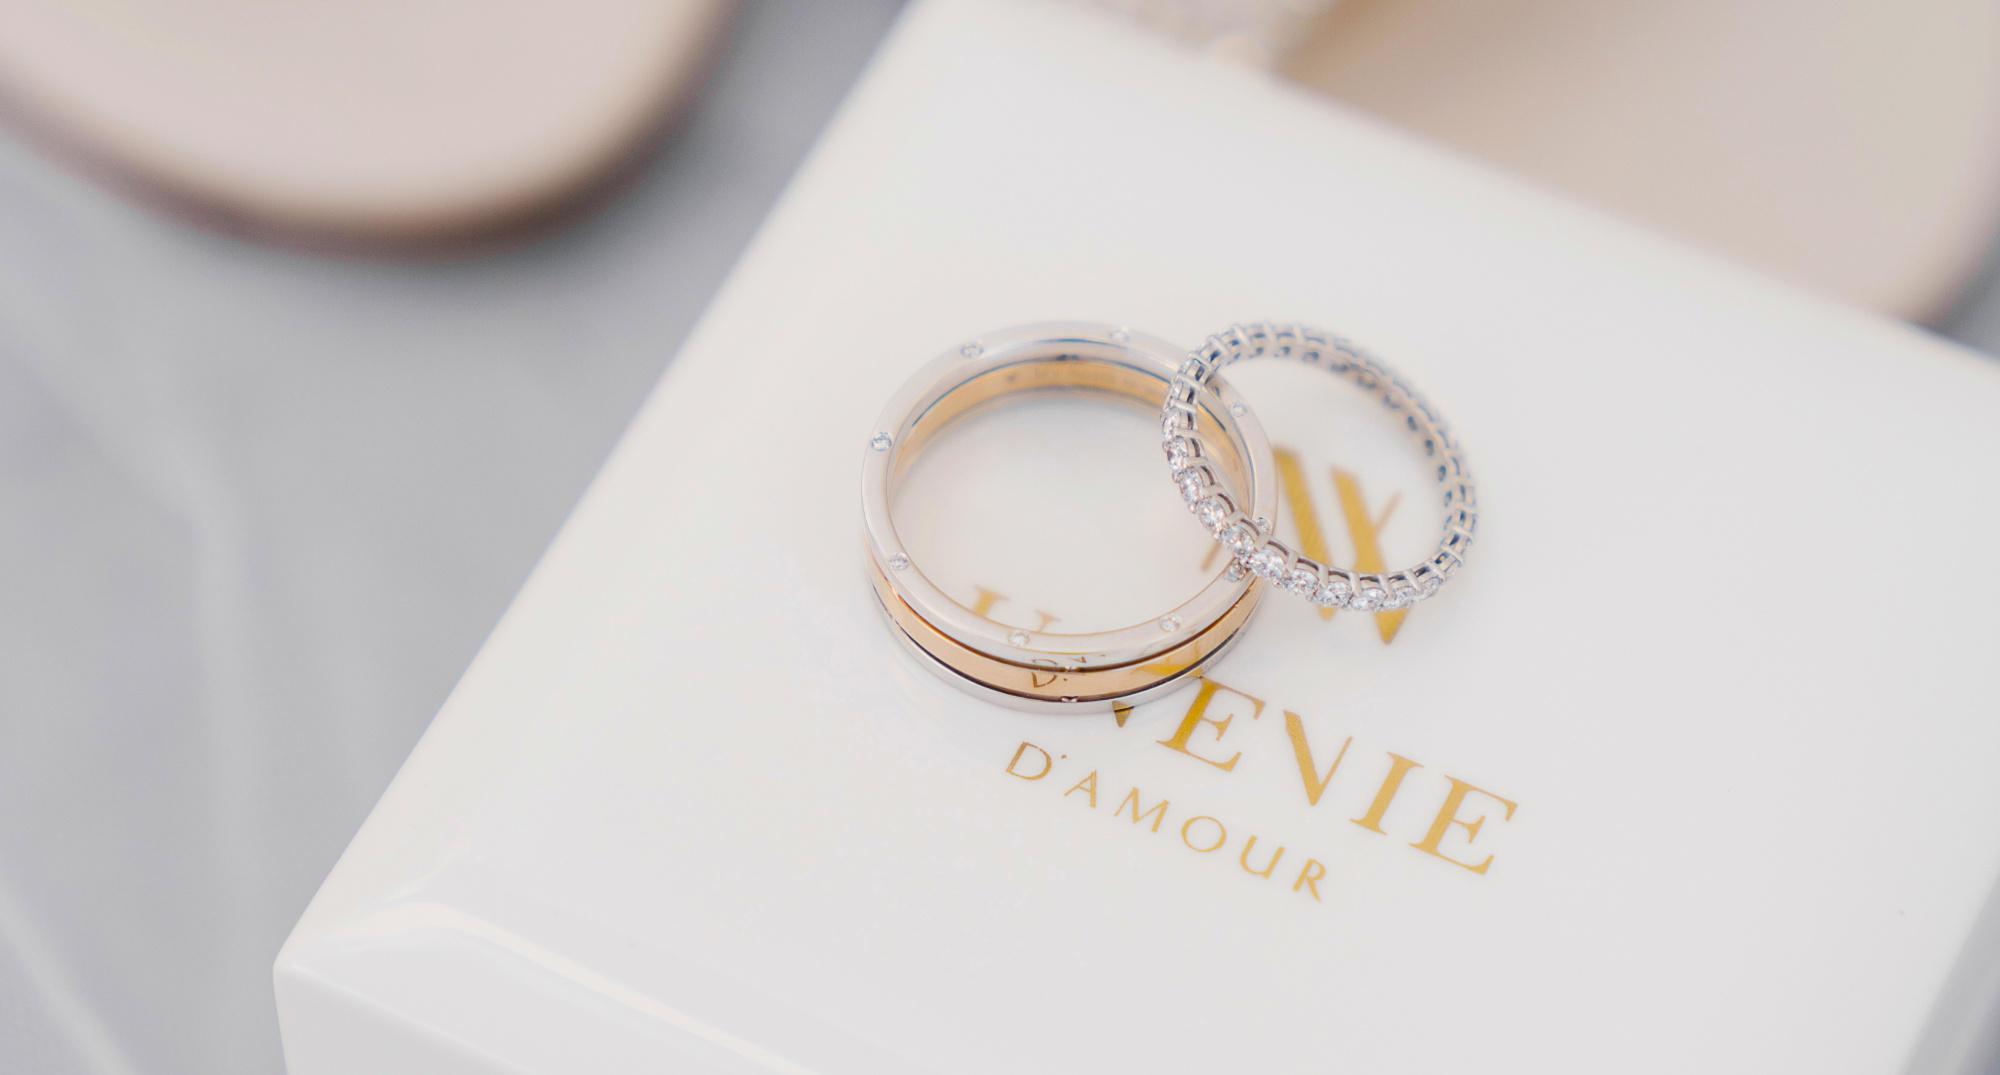 Ищем отличия. Заказать индивидуально кольца или купить в магазине?